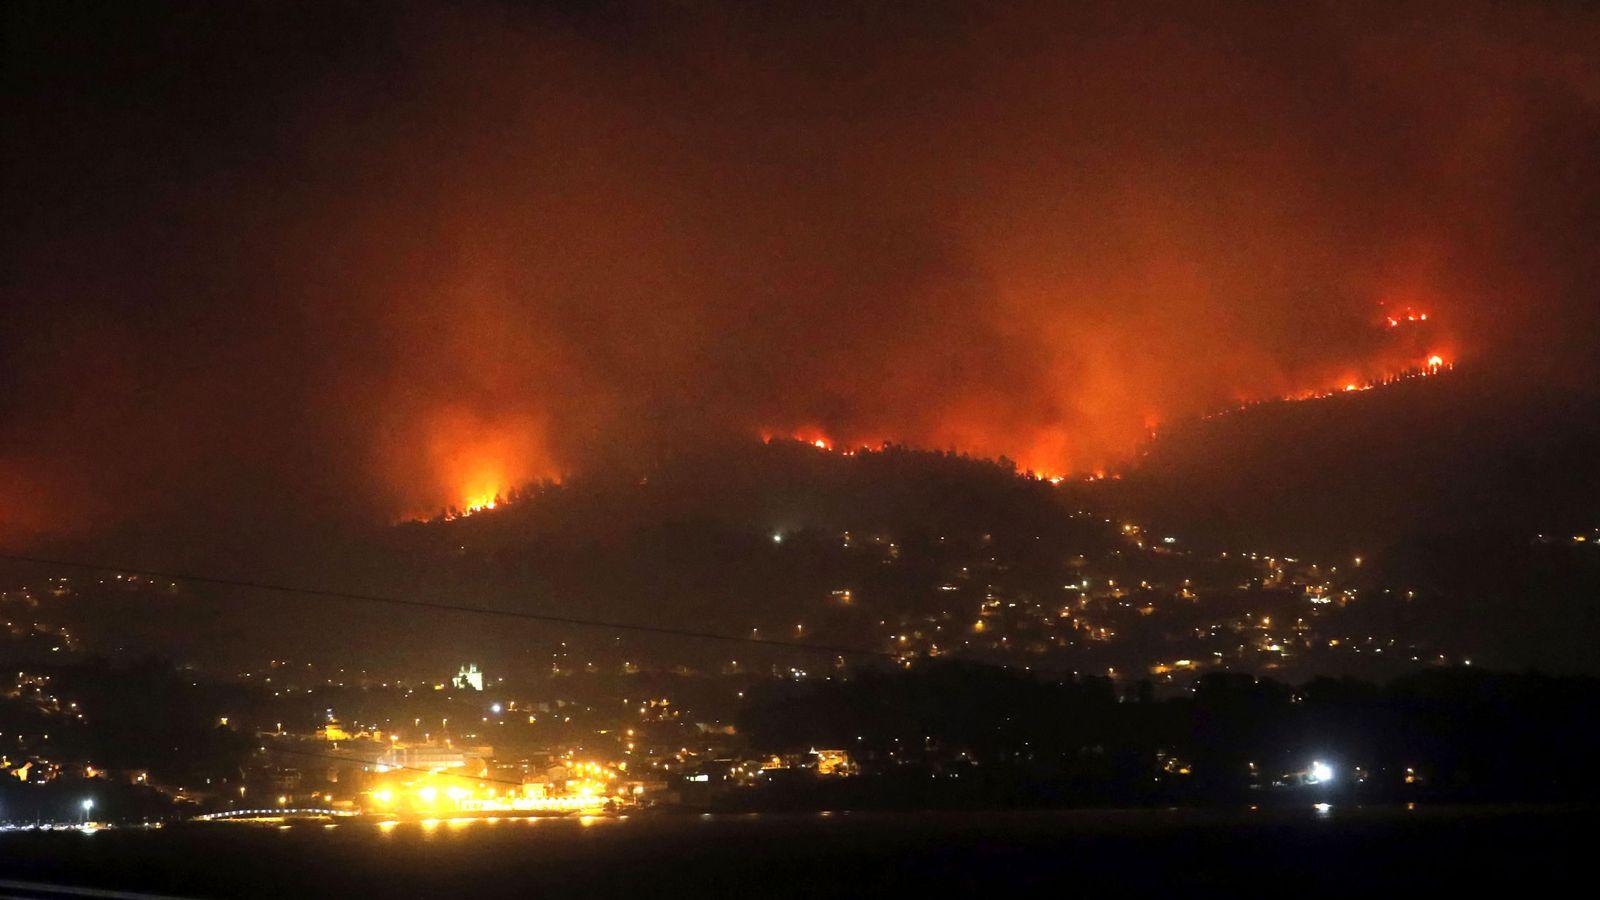 Incendios: Fotos de los incendios en Galicia, Asturias y Portugal